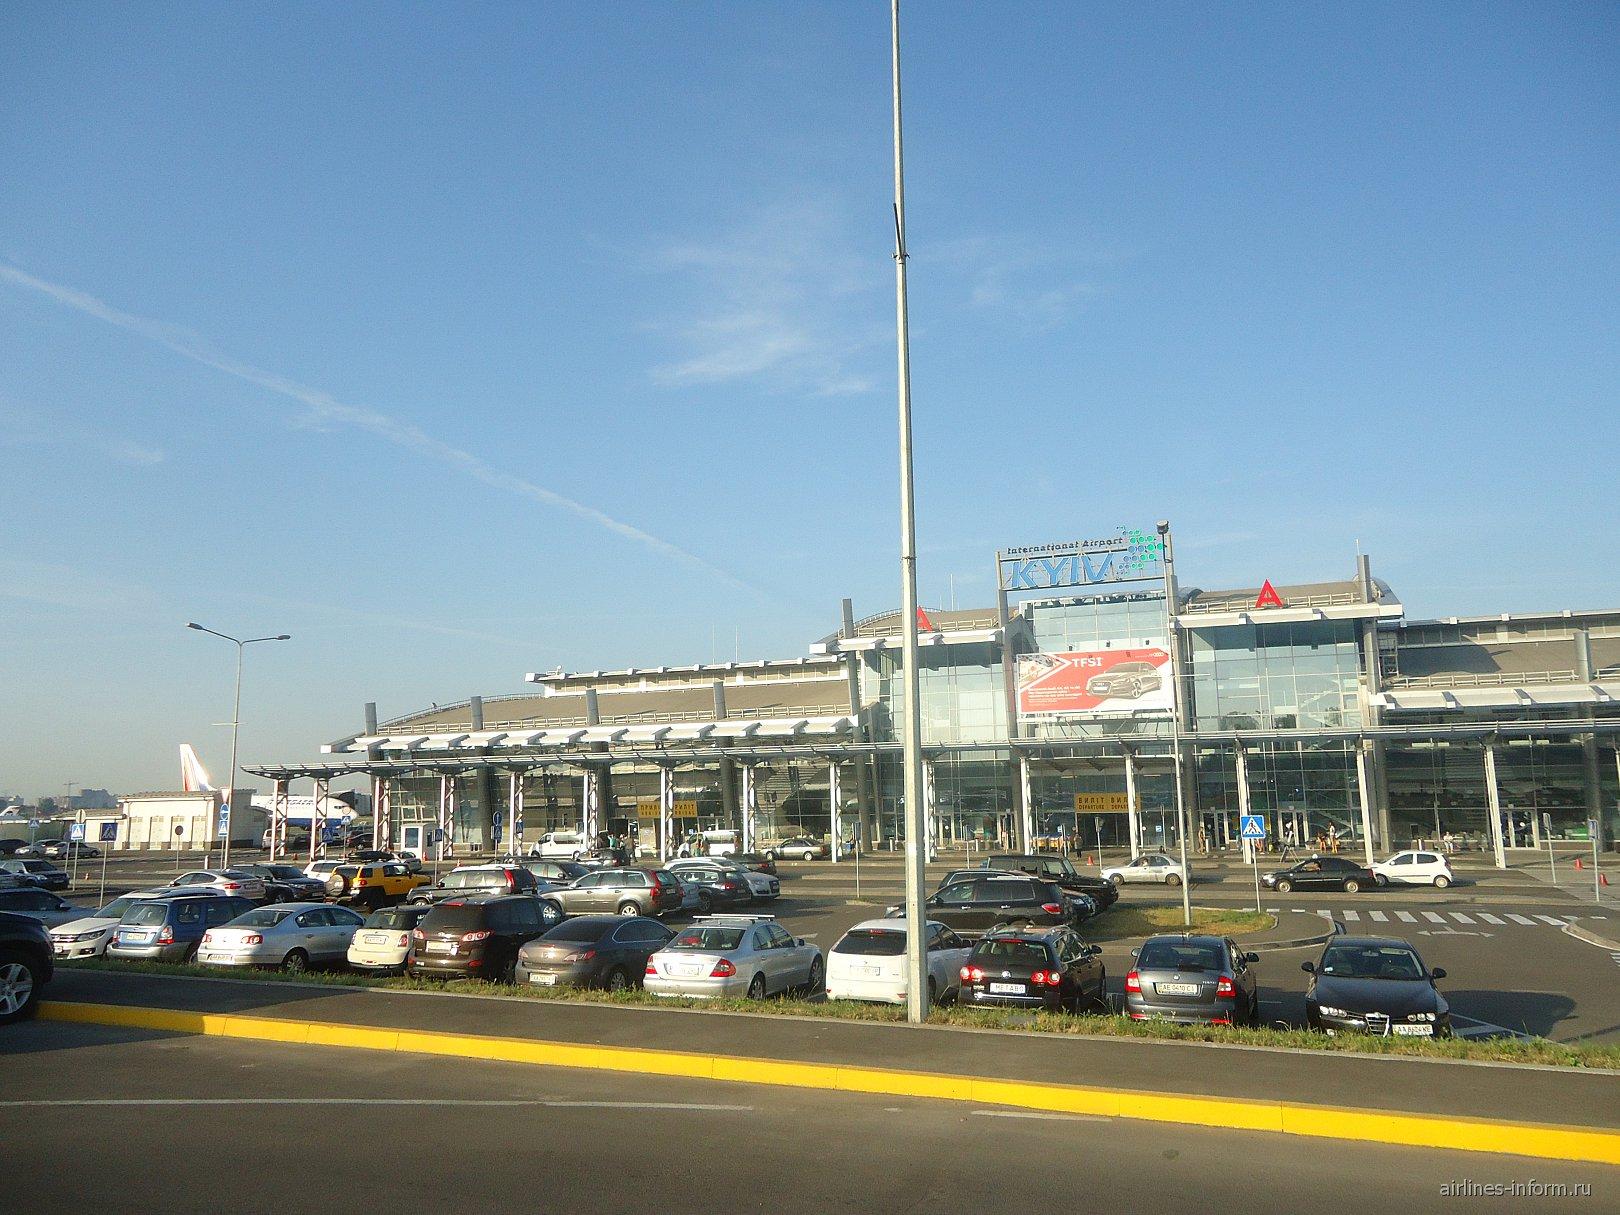 Новый пассажирский терминал аэропорта Киев Жуляны